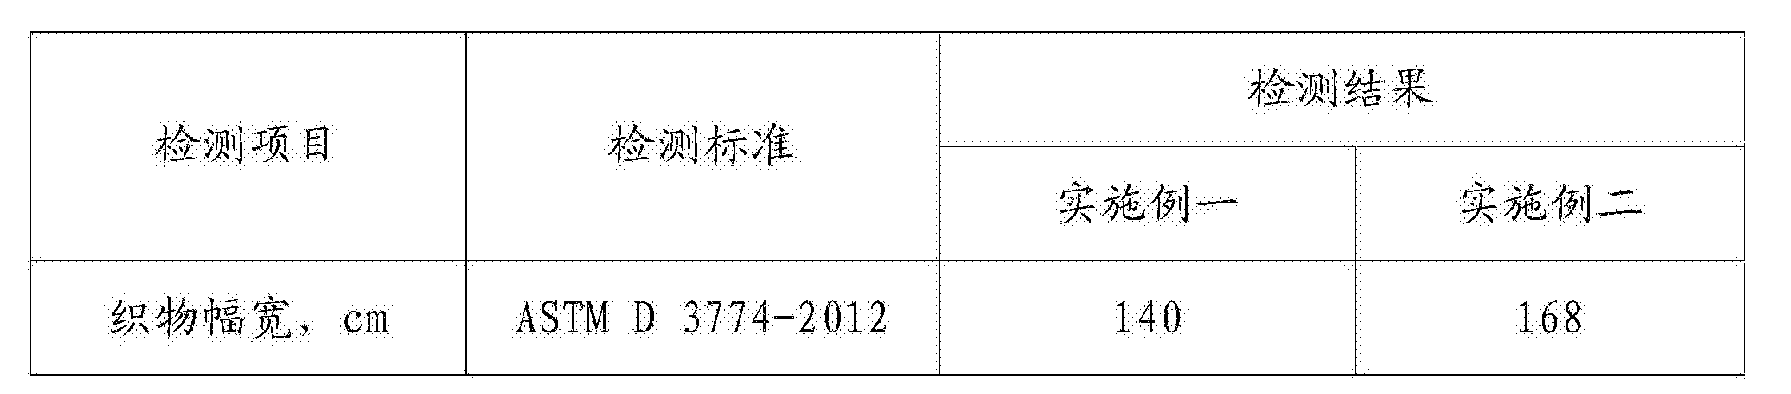 Figure CN104988652BD00061